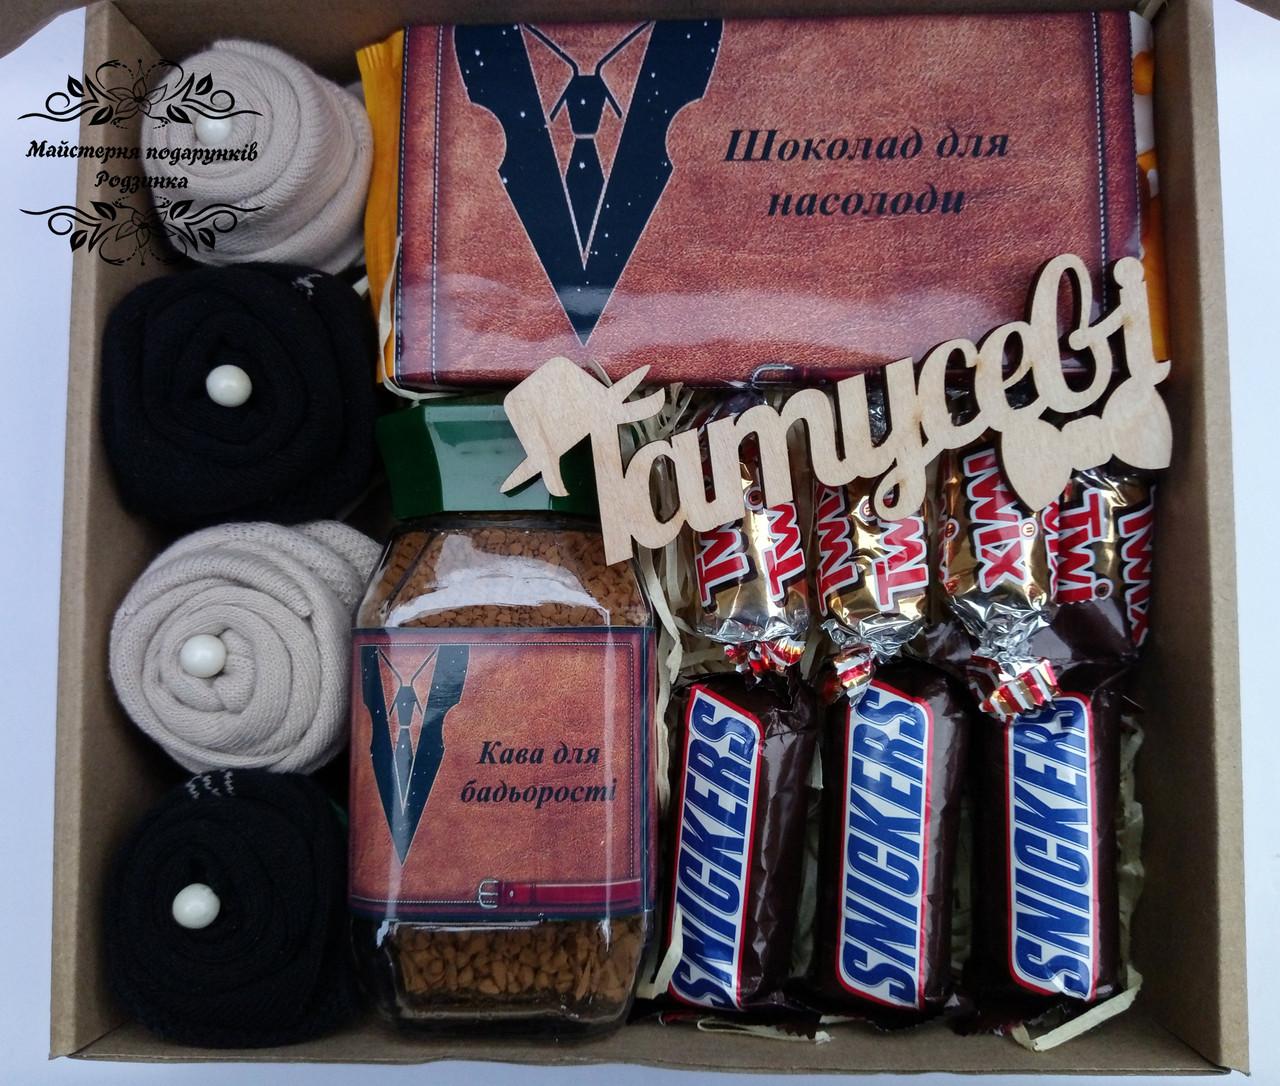 Подарунковий набір №1 з шкарпетками та кавою. Чоловічий подарунок на День захисника , День народження